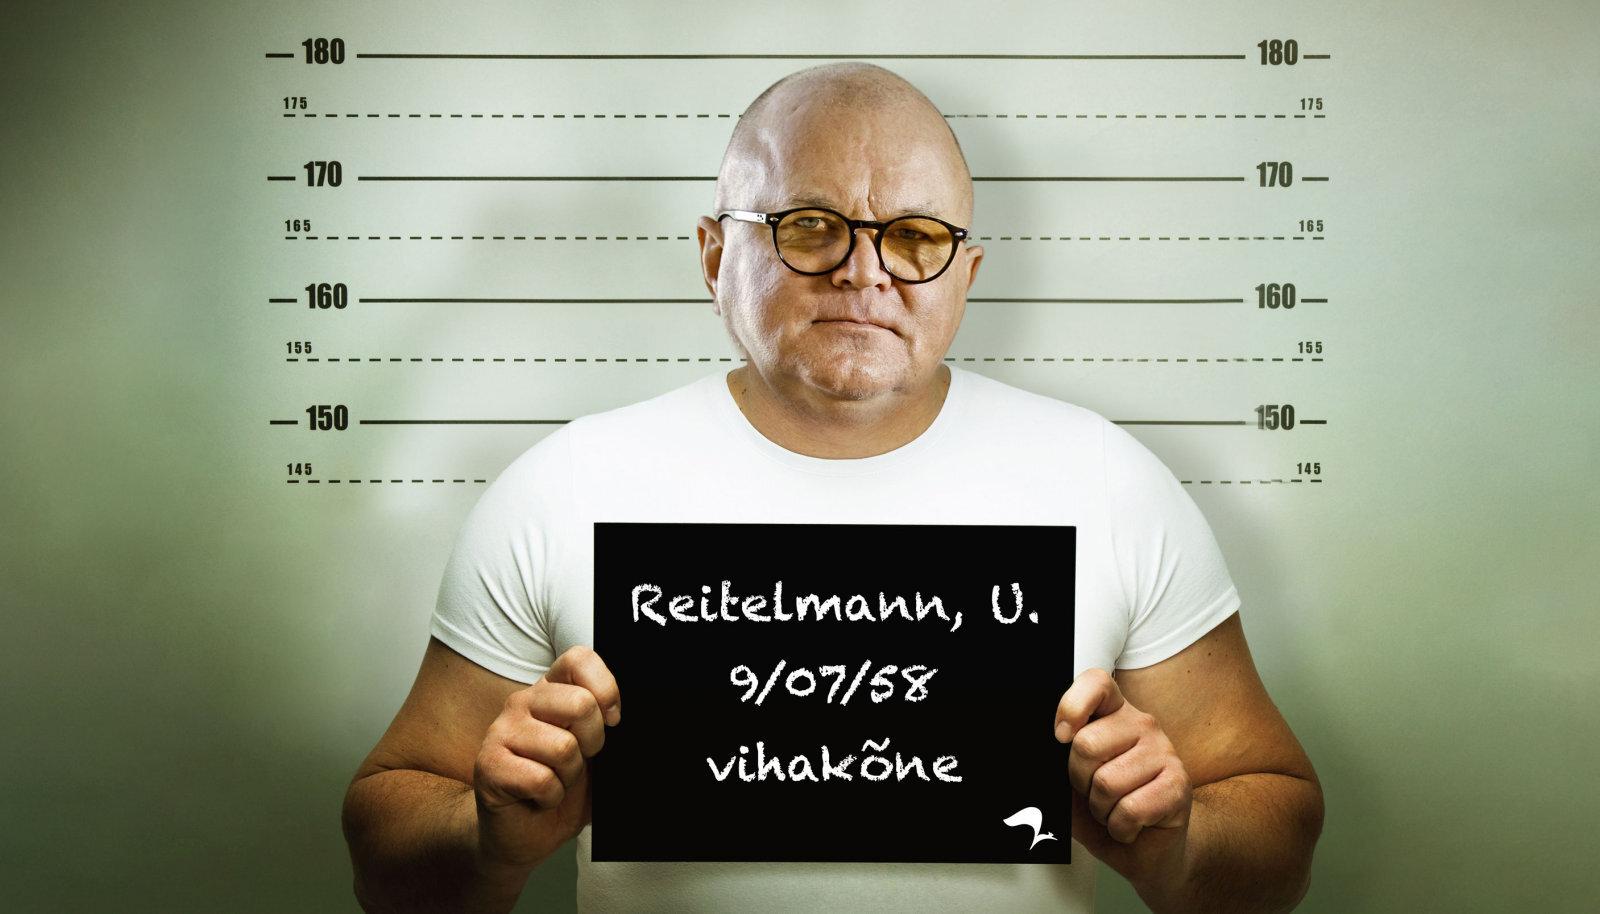 """ORAVATE RUMAL EELNÕU: Urmas Reitelmanni """"300 000 parasiteerivat tiblat"""" või sodomiitide jutt on räme ja solvav, aga sellise käitumise kriminaliseerimine põhjustab mitmeid probleeme ja soovimatuid tagajärgi."""